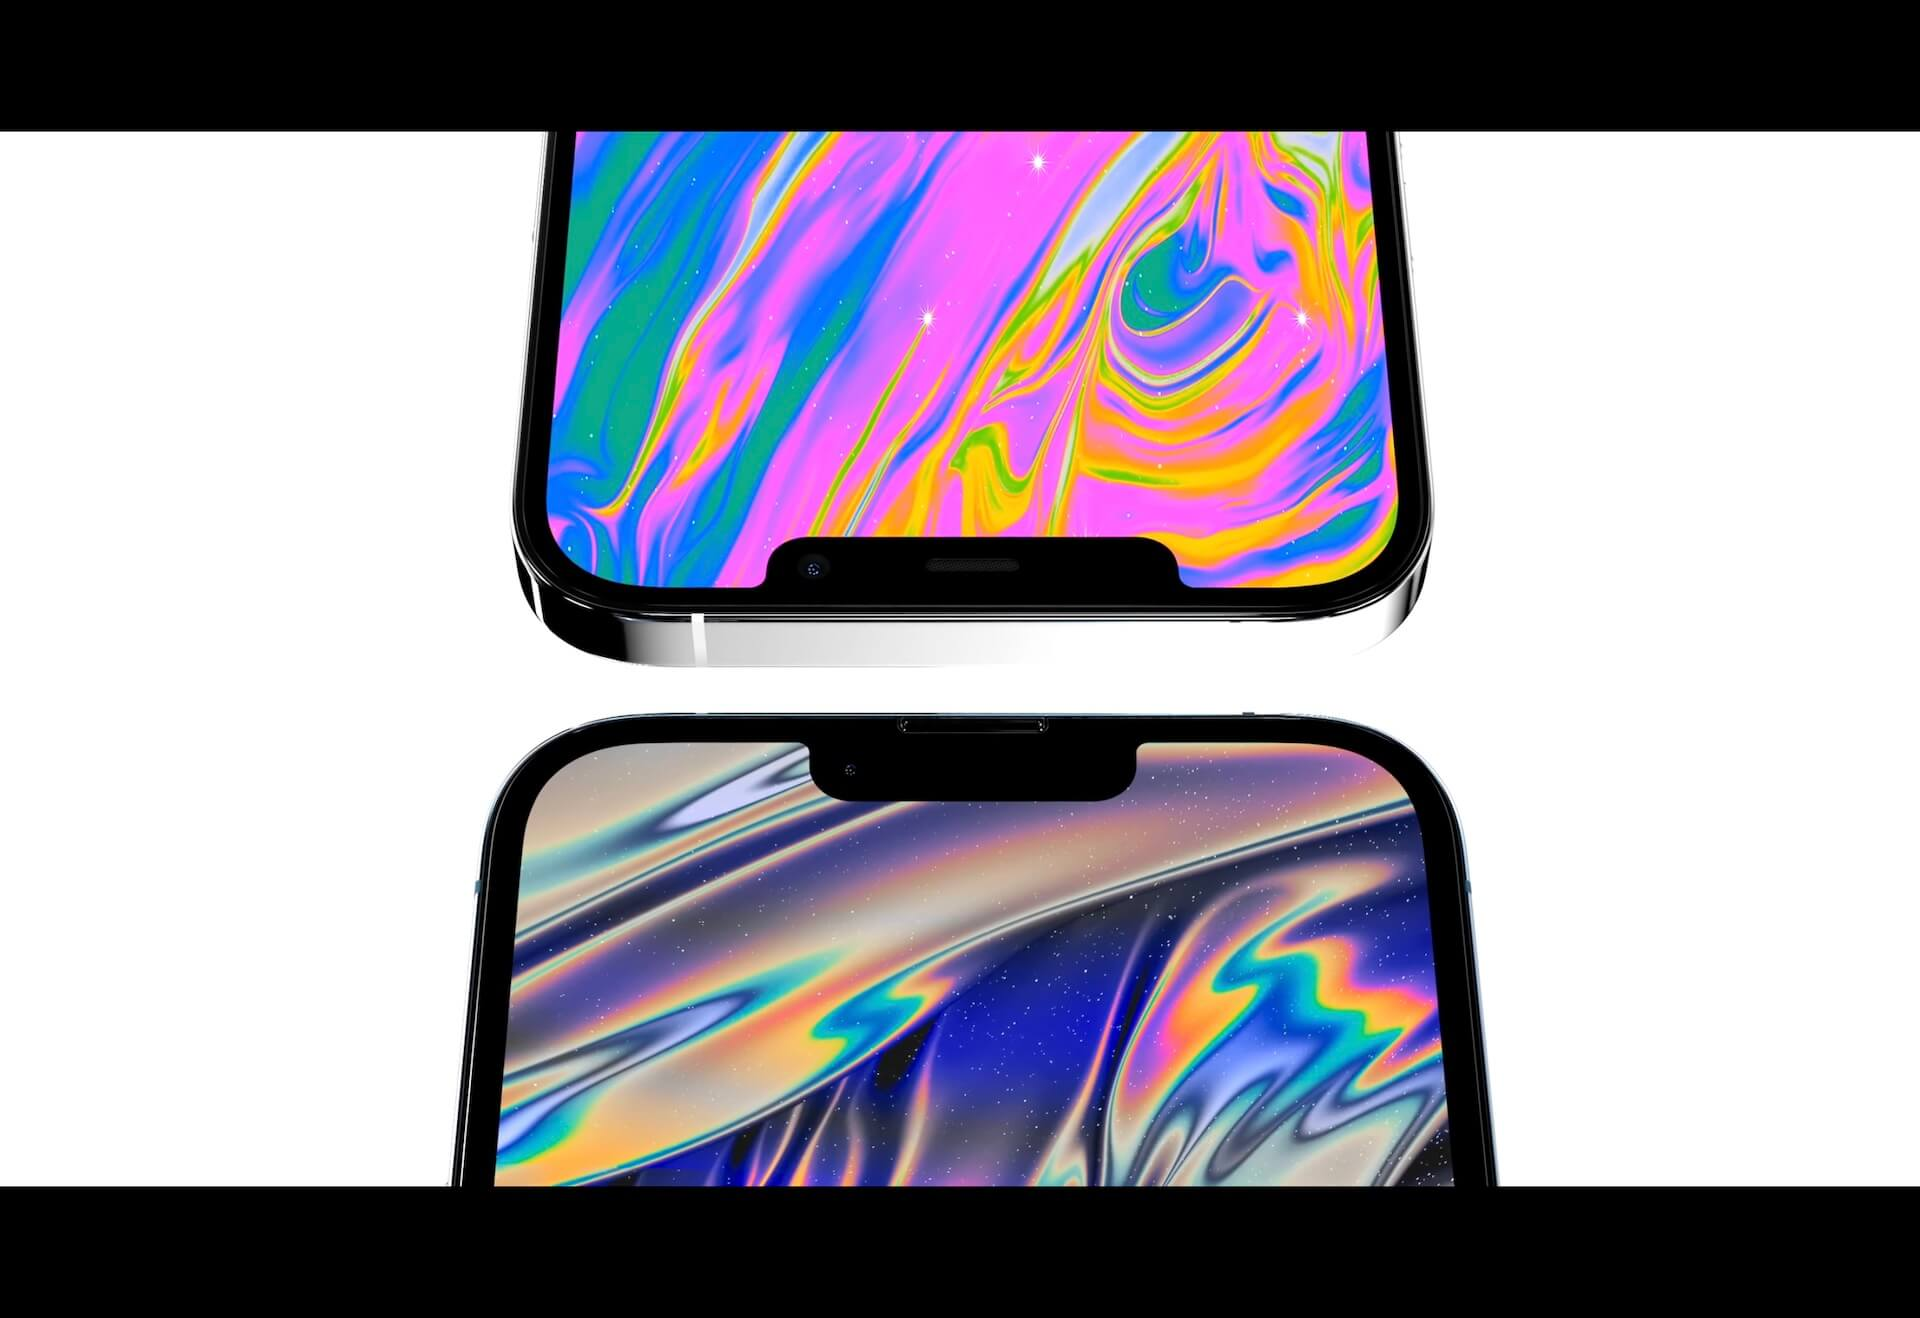 iPhone 13シリーズのディスプレイフィルムの画像が新たにリーク!?ノッチ幅はやはり狭くなる? tech210419_iphone13_main